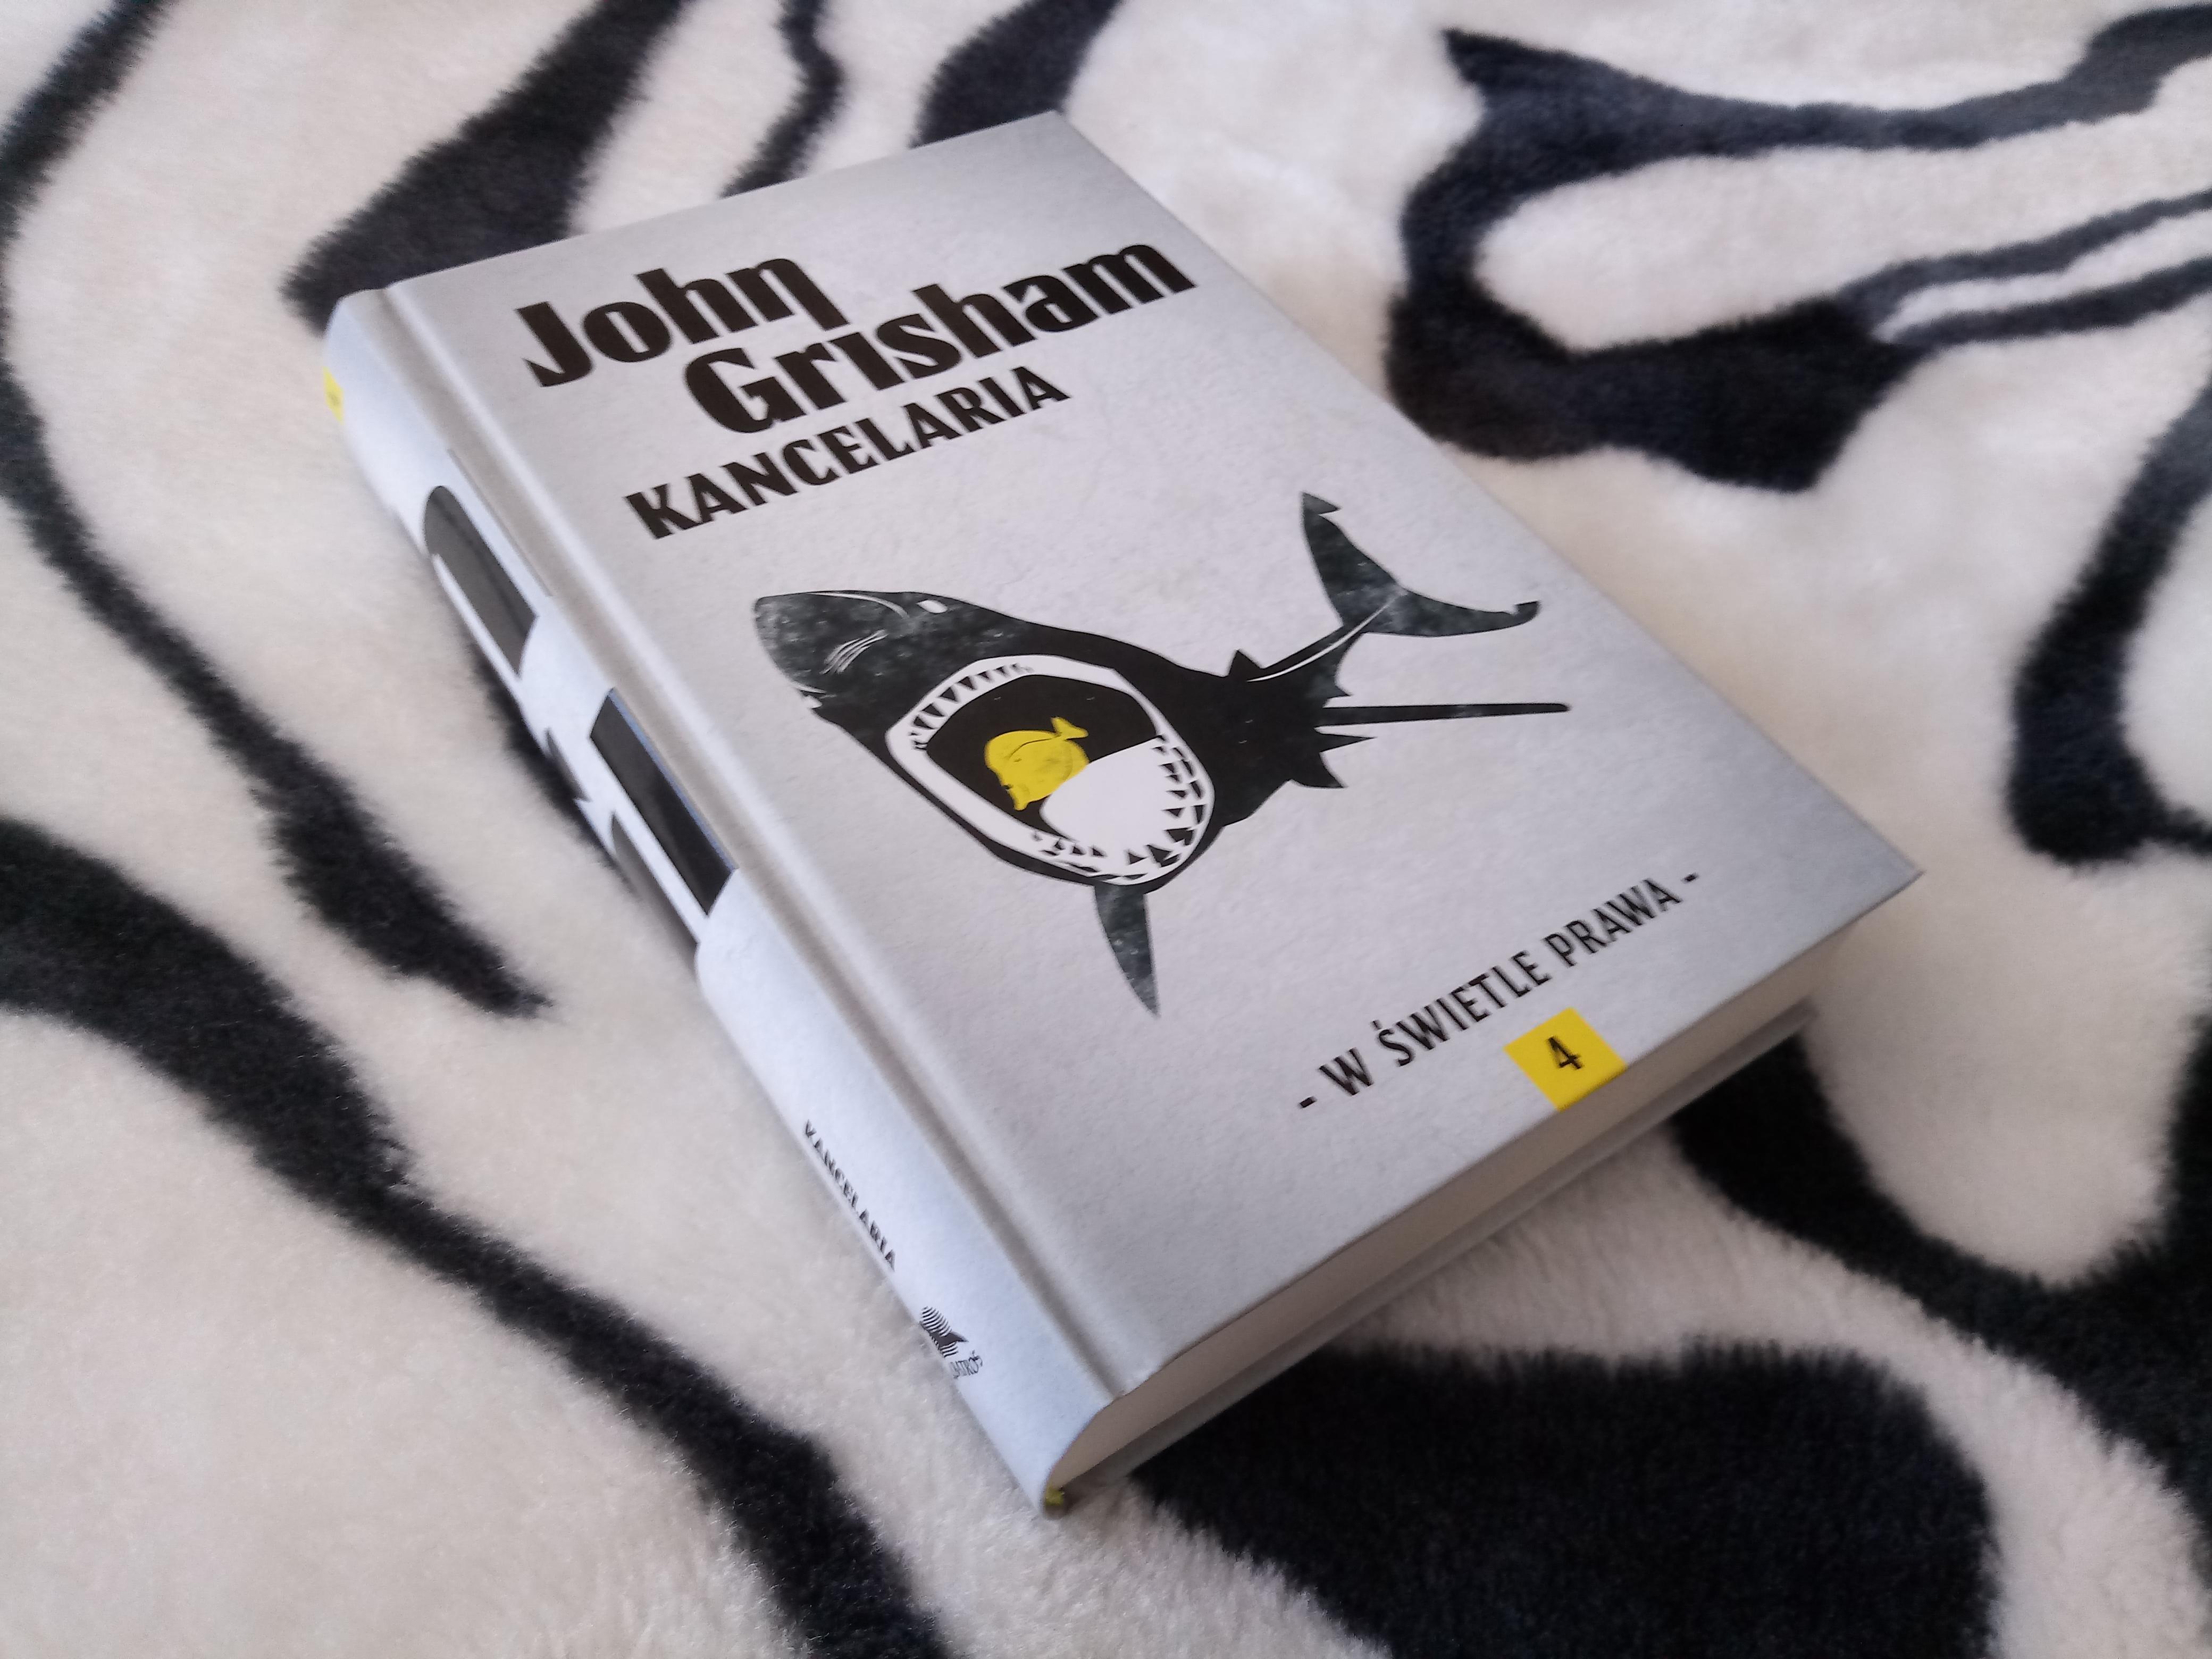 Kancelaria – John Grisham